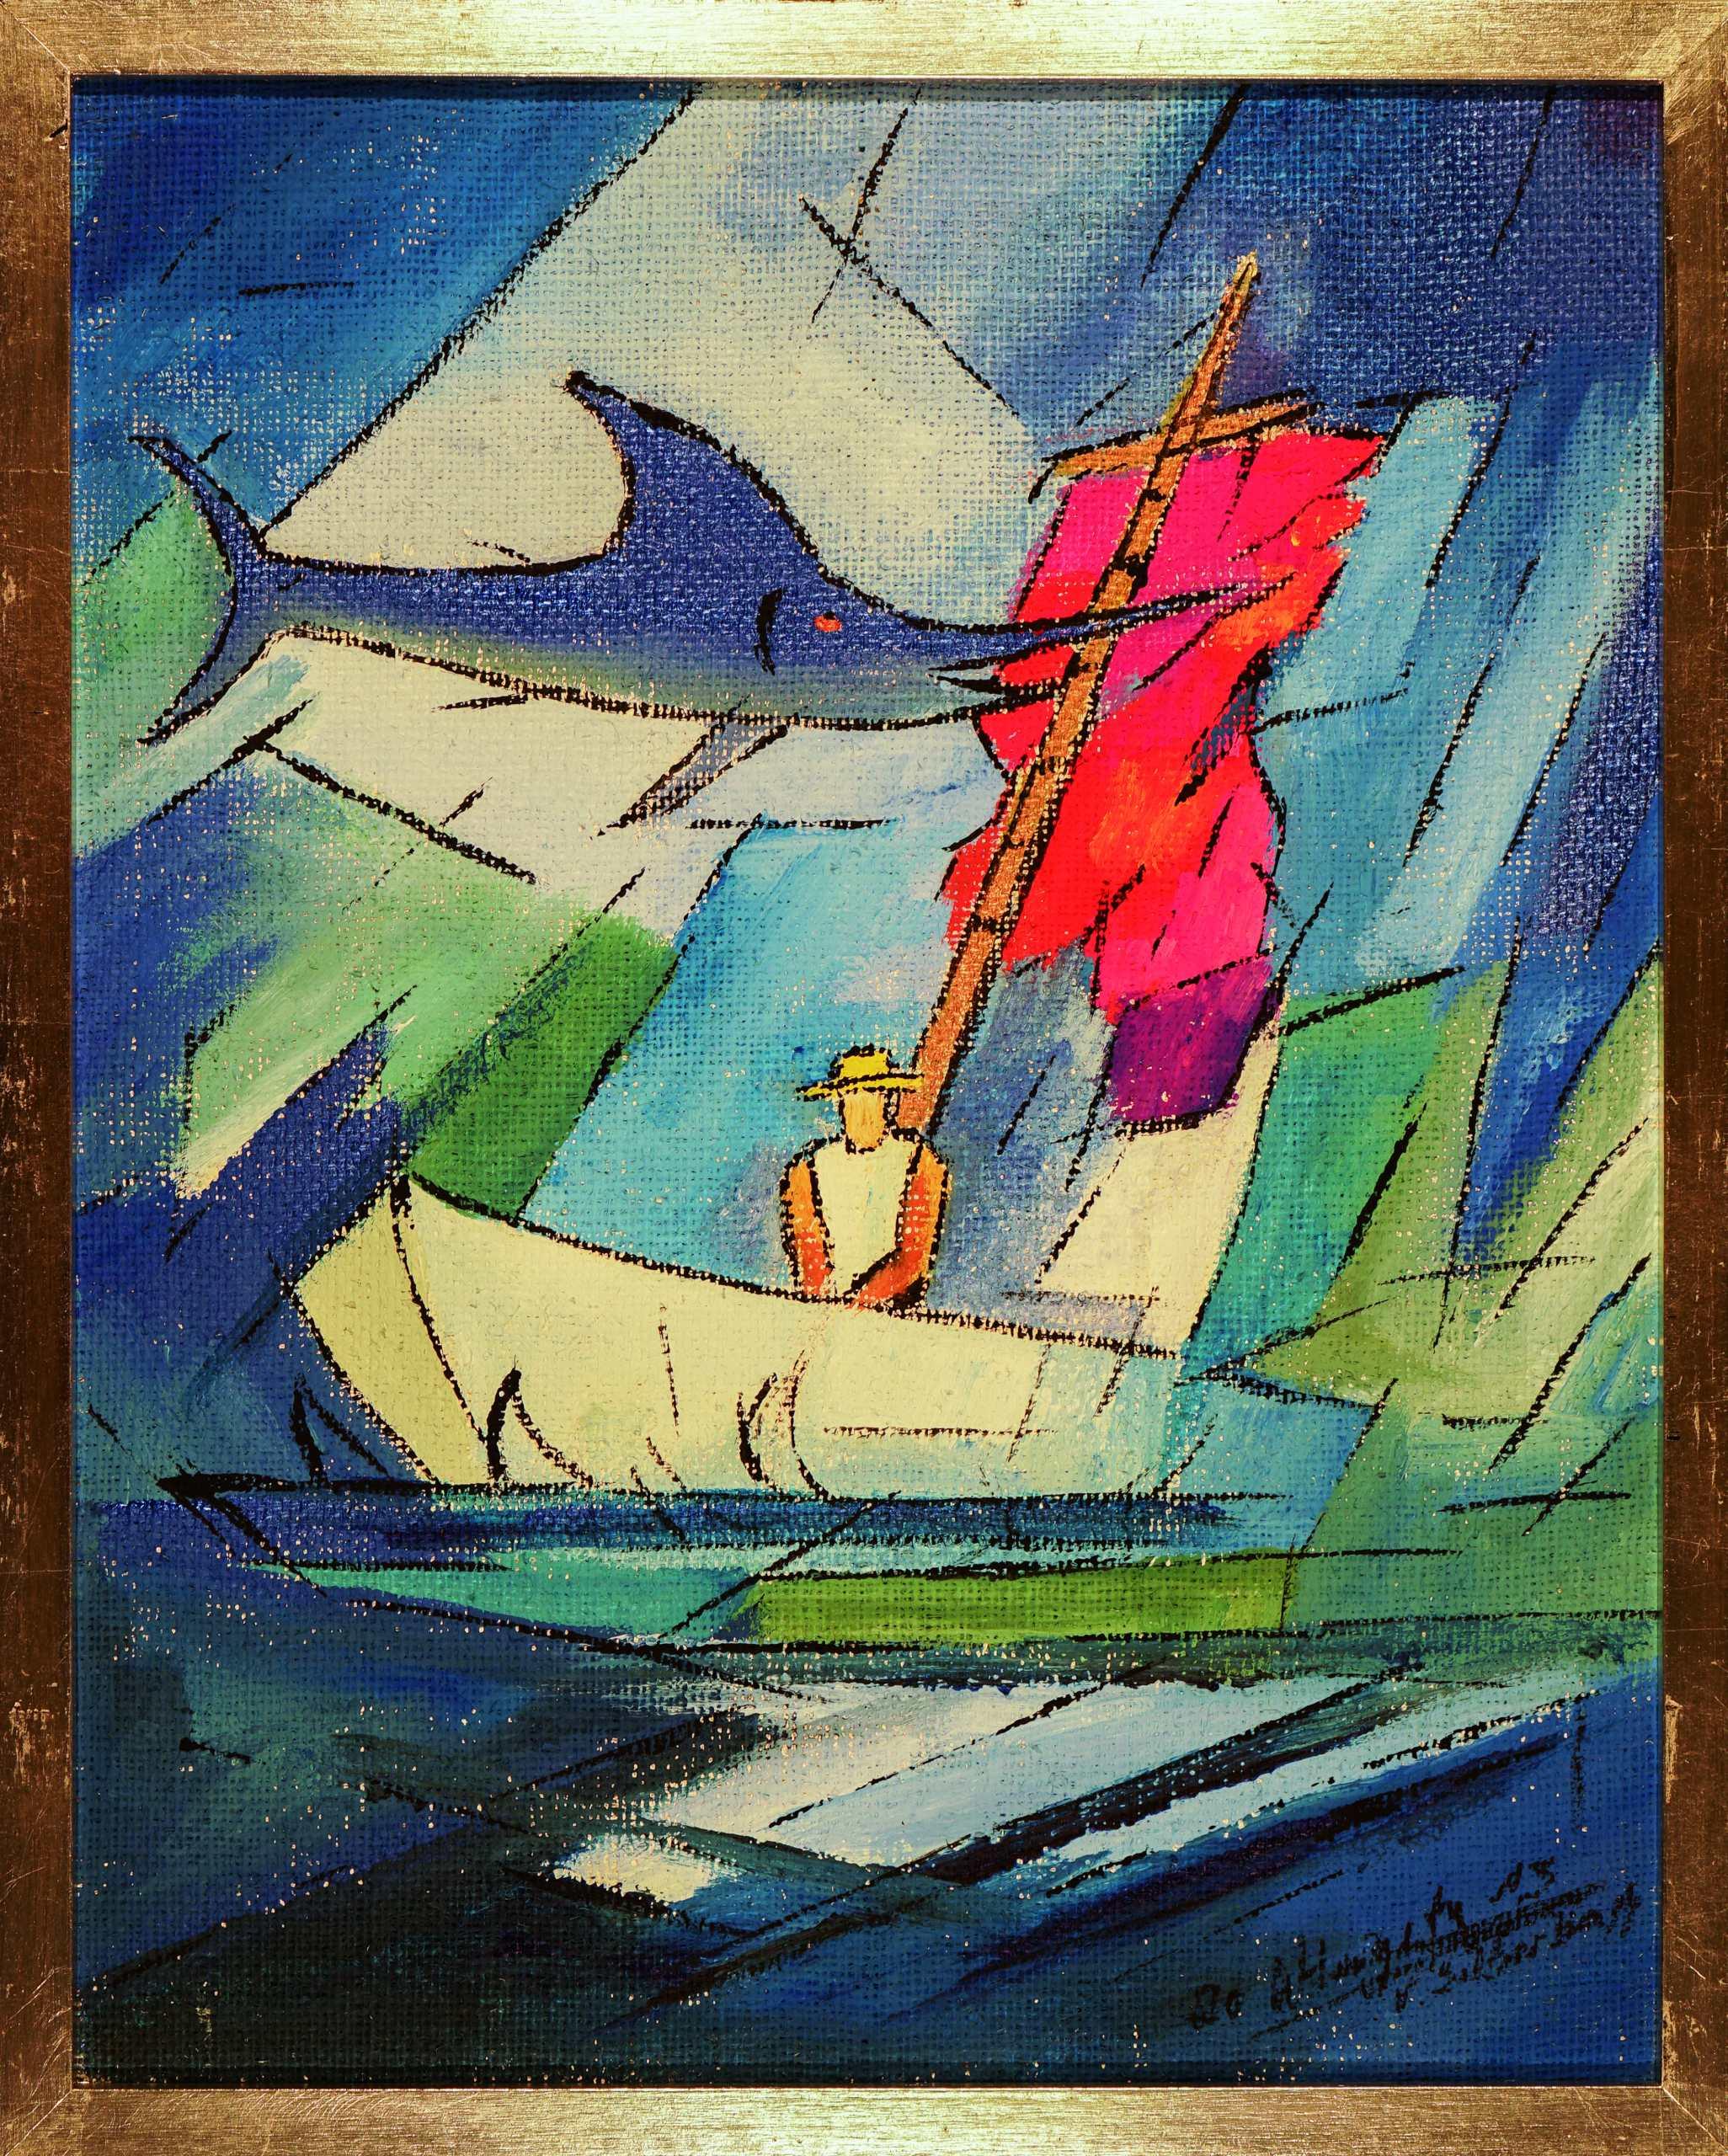 Triptychon Ölgemälde Der alte Mann und das Meer (1) von Wolfgang Hergeth